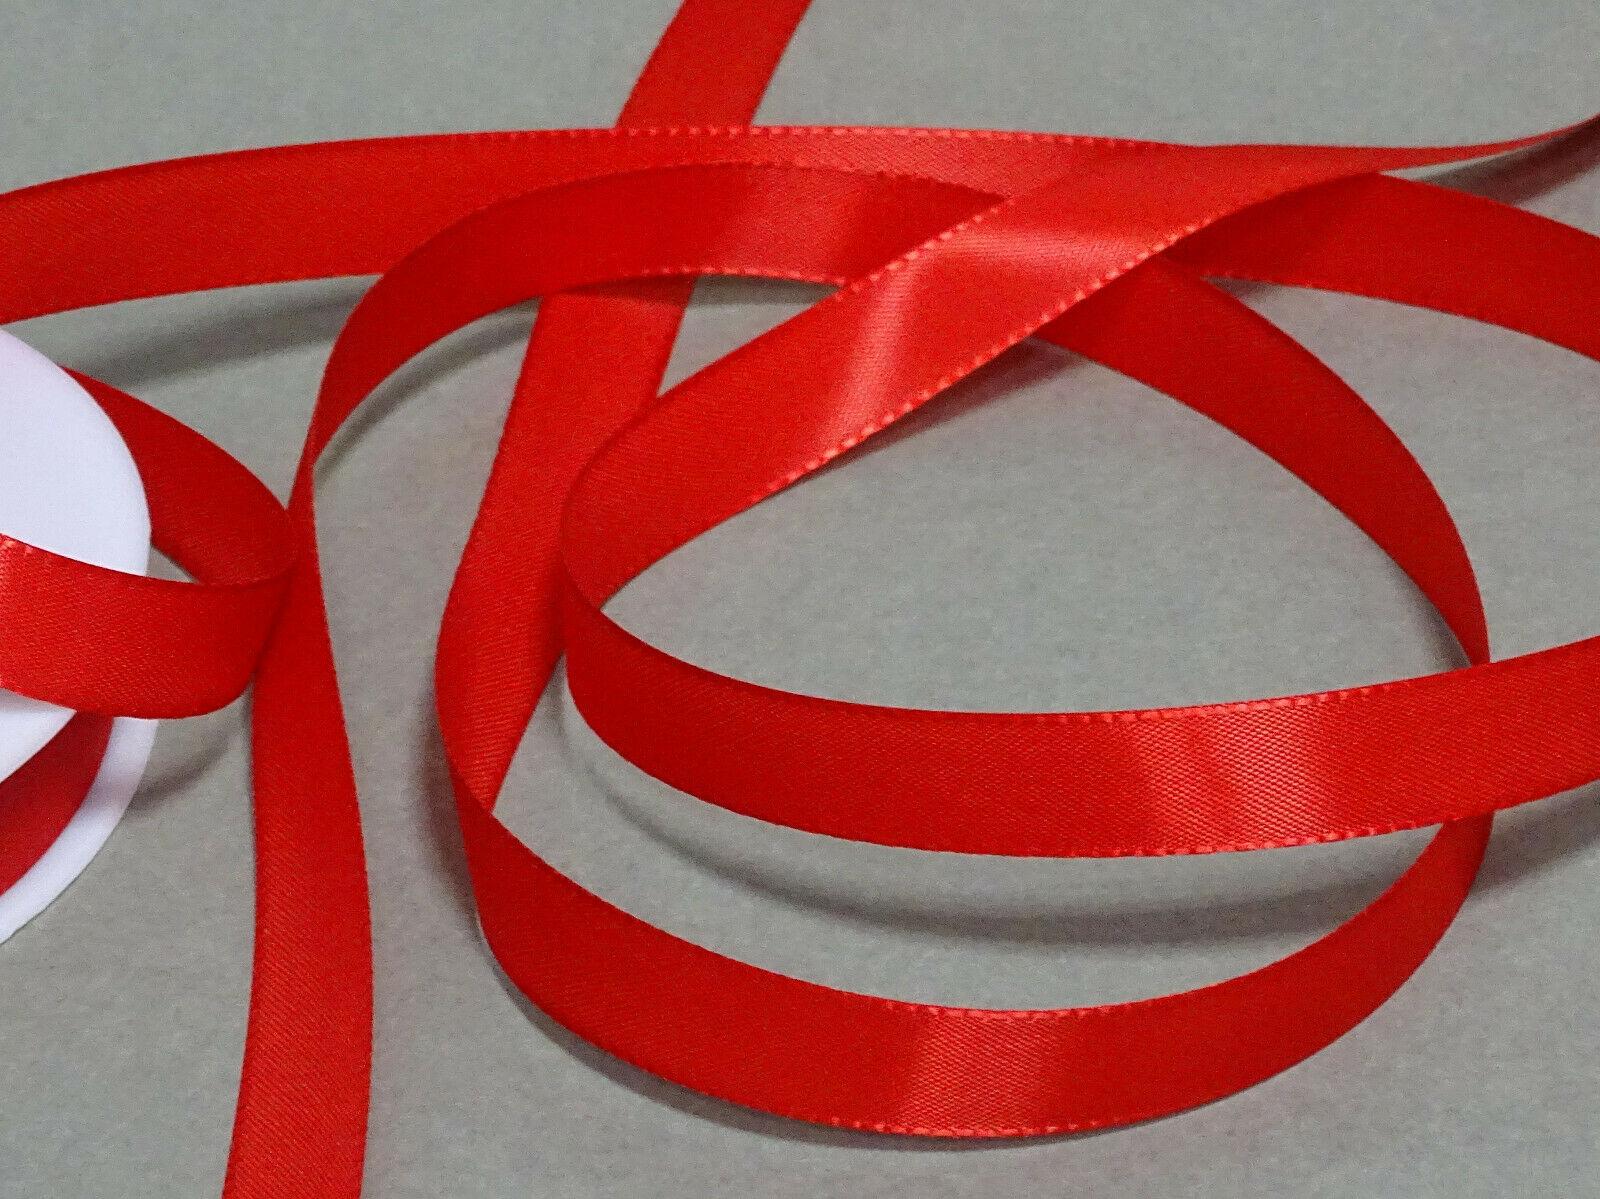 Seidenband Schleifenband 50 m x 15 mm / 40 mm Dekoband ab 0,08 €/m Geschenkband  - Rot 123, 40 mm x 50 m